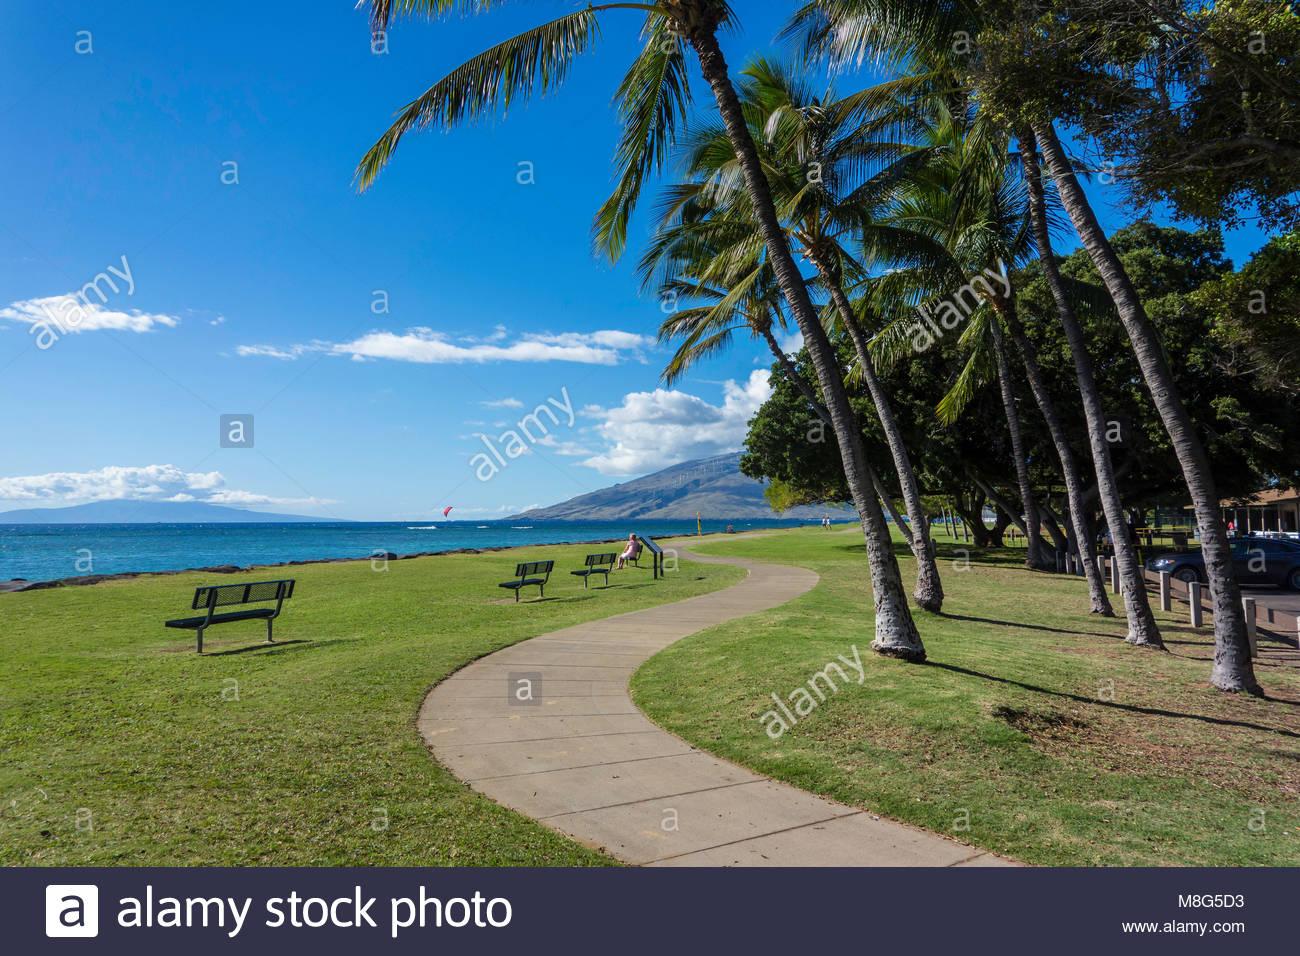 Palme la linea sul lungomare di Kalama Park di Kihei isola di Maui nello stato delle Hawaii USA Immagini Stock